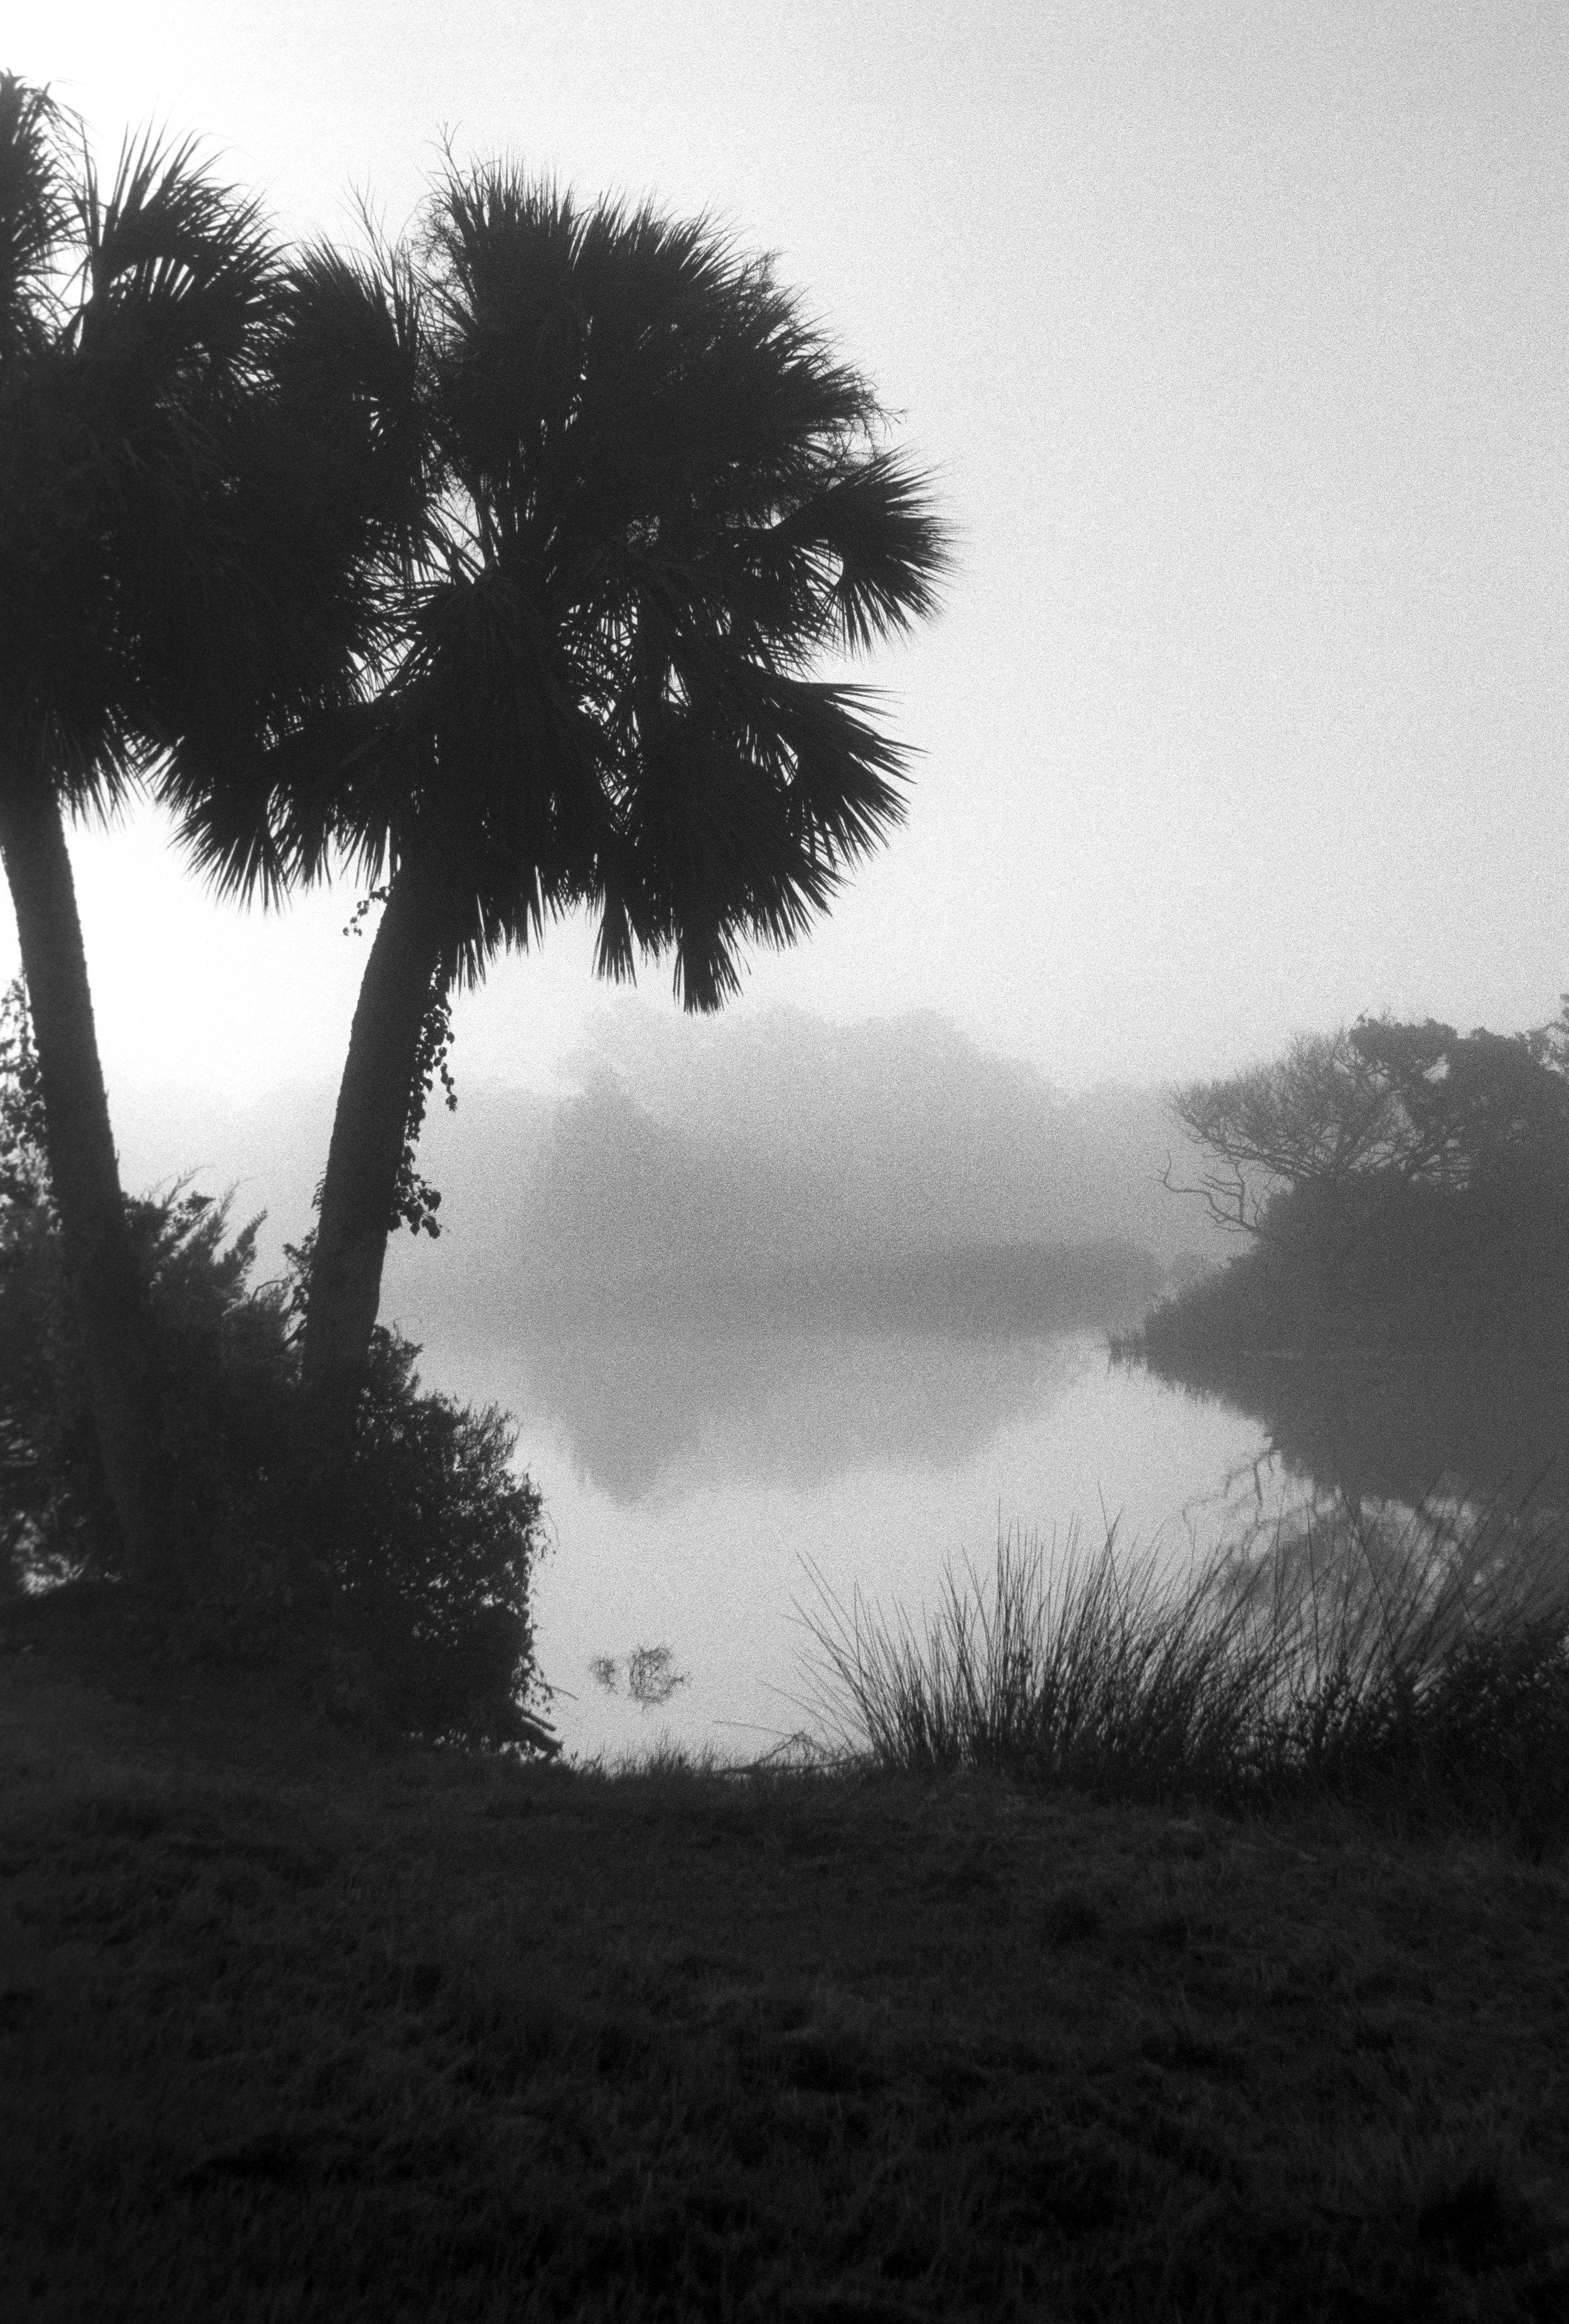 Marshy-fog23_BW.jpg